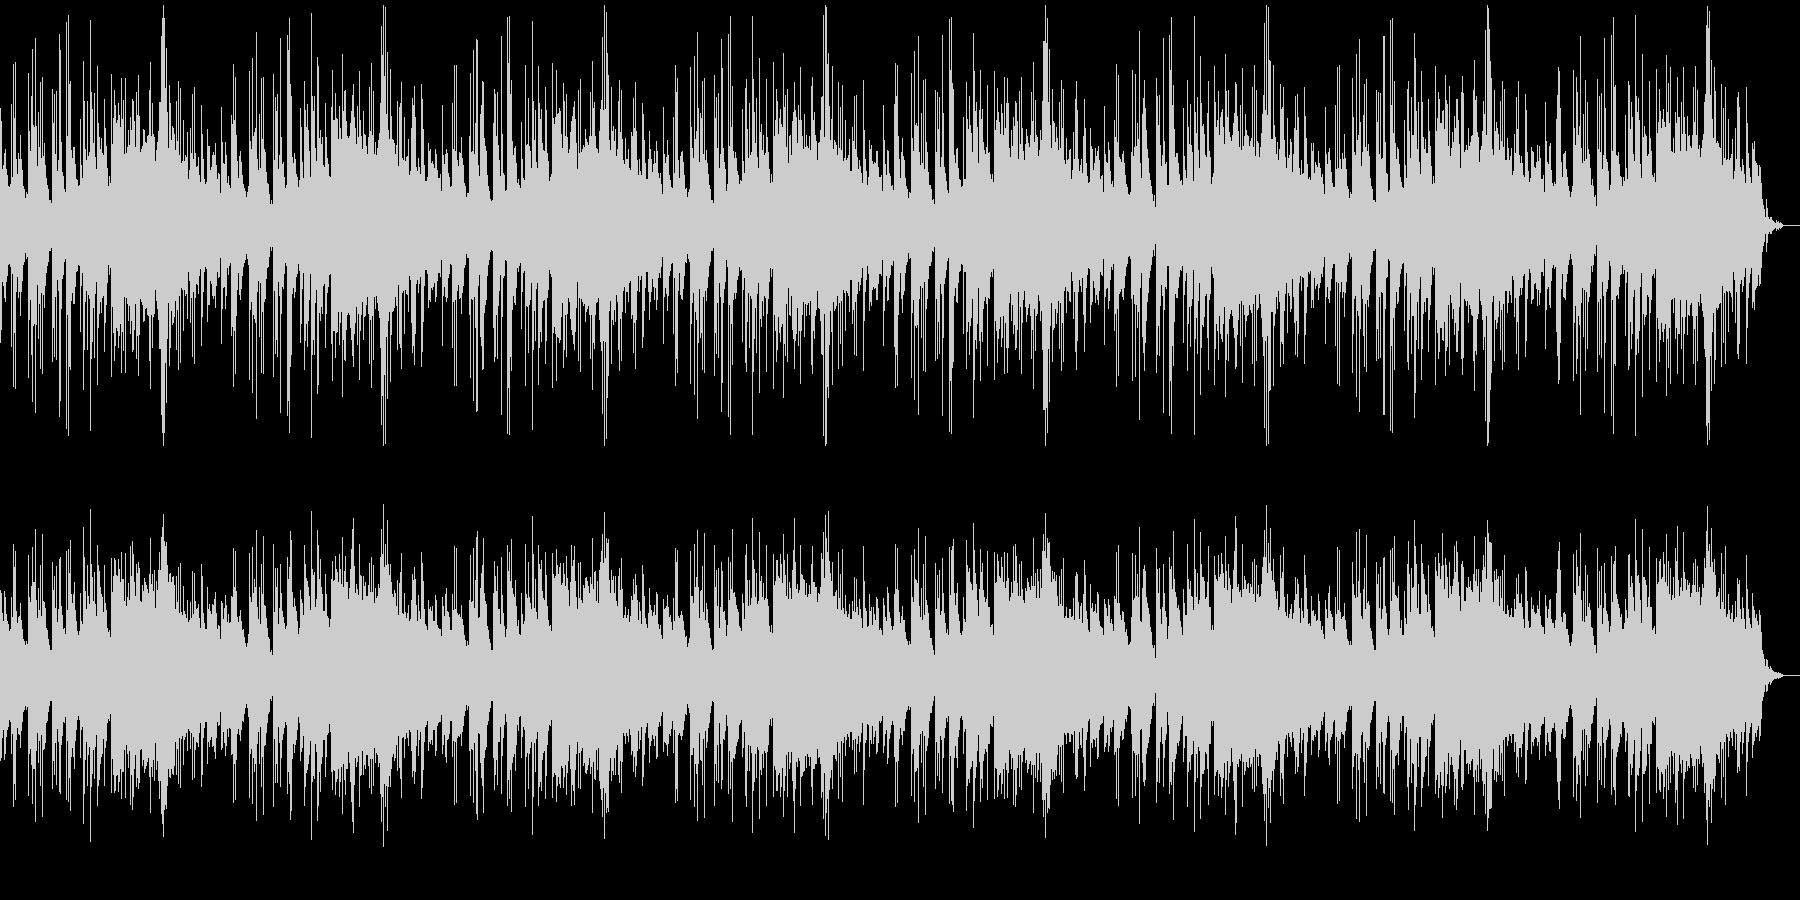 美しく悲しい旋律のピアノの曲の未再生の波形